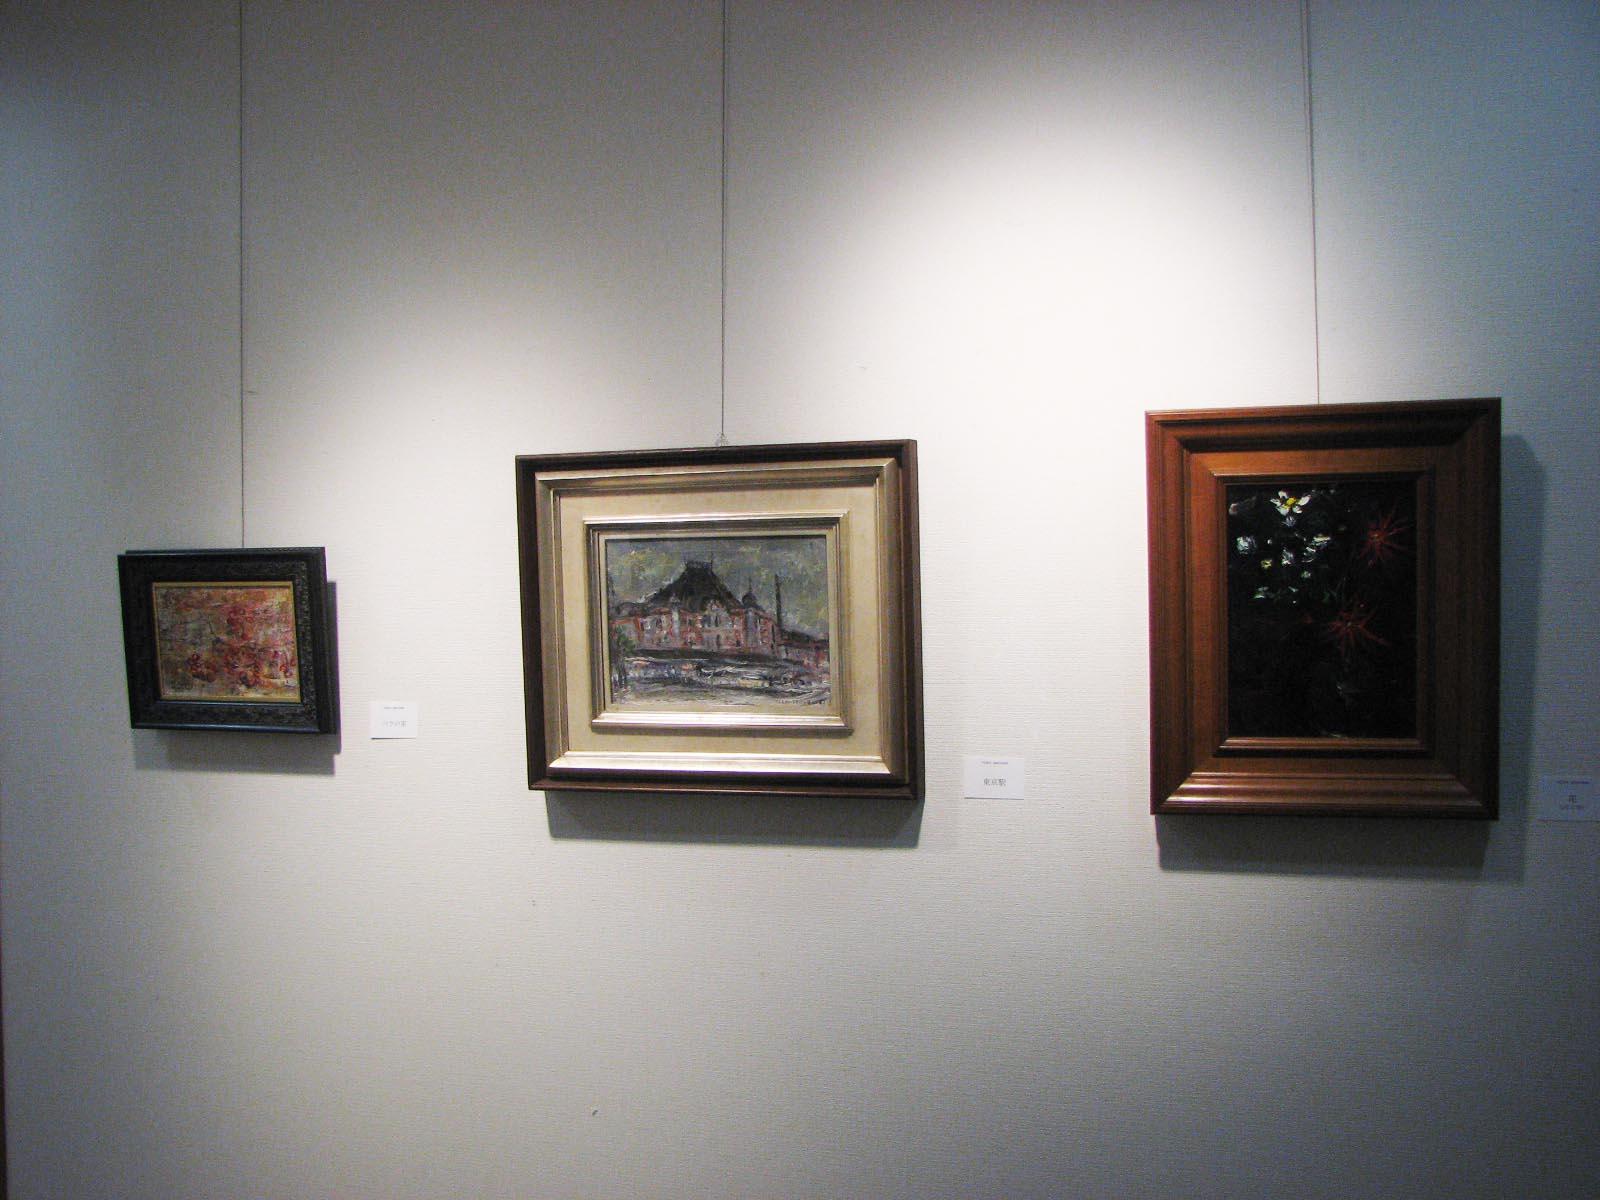 櫻井陽司絵画 (16)